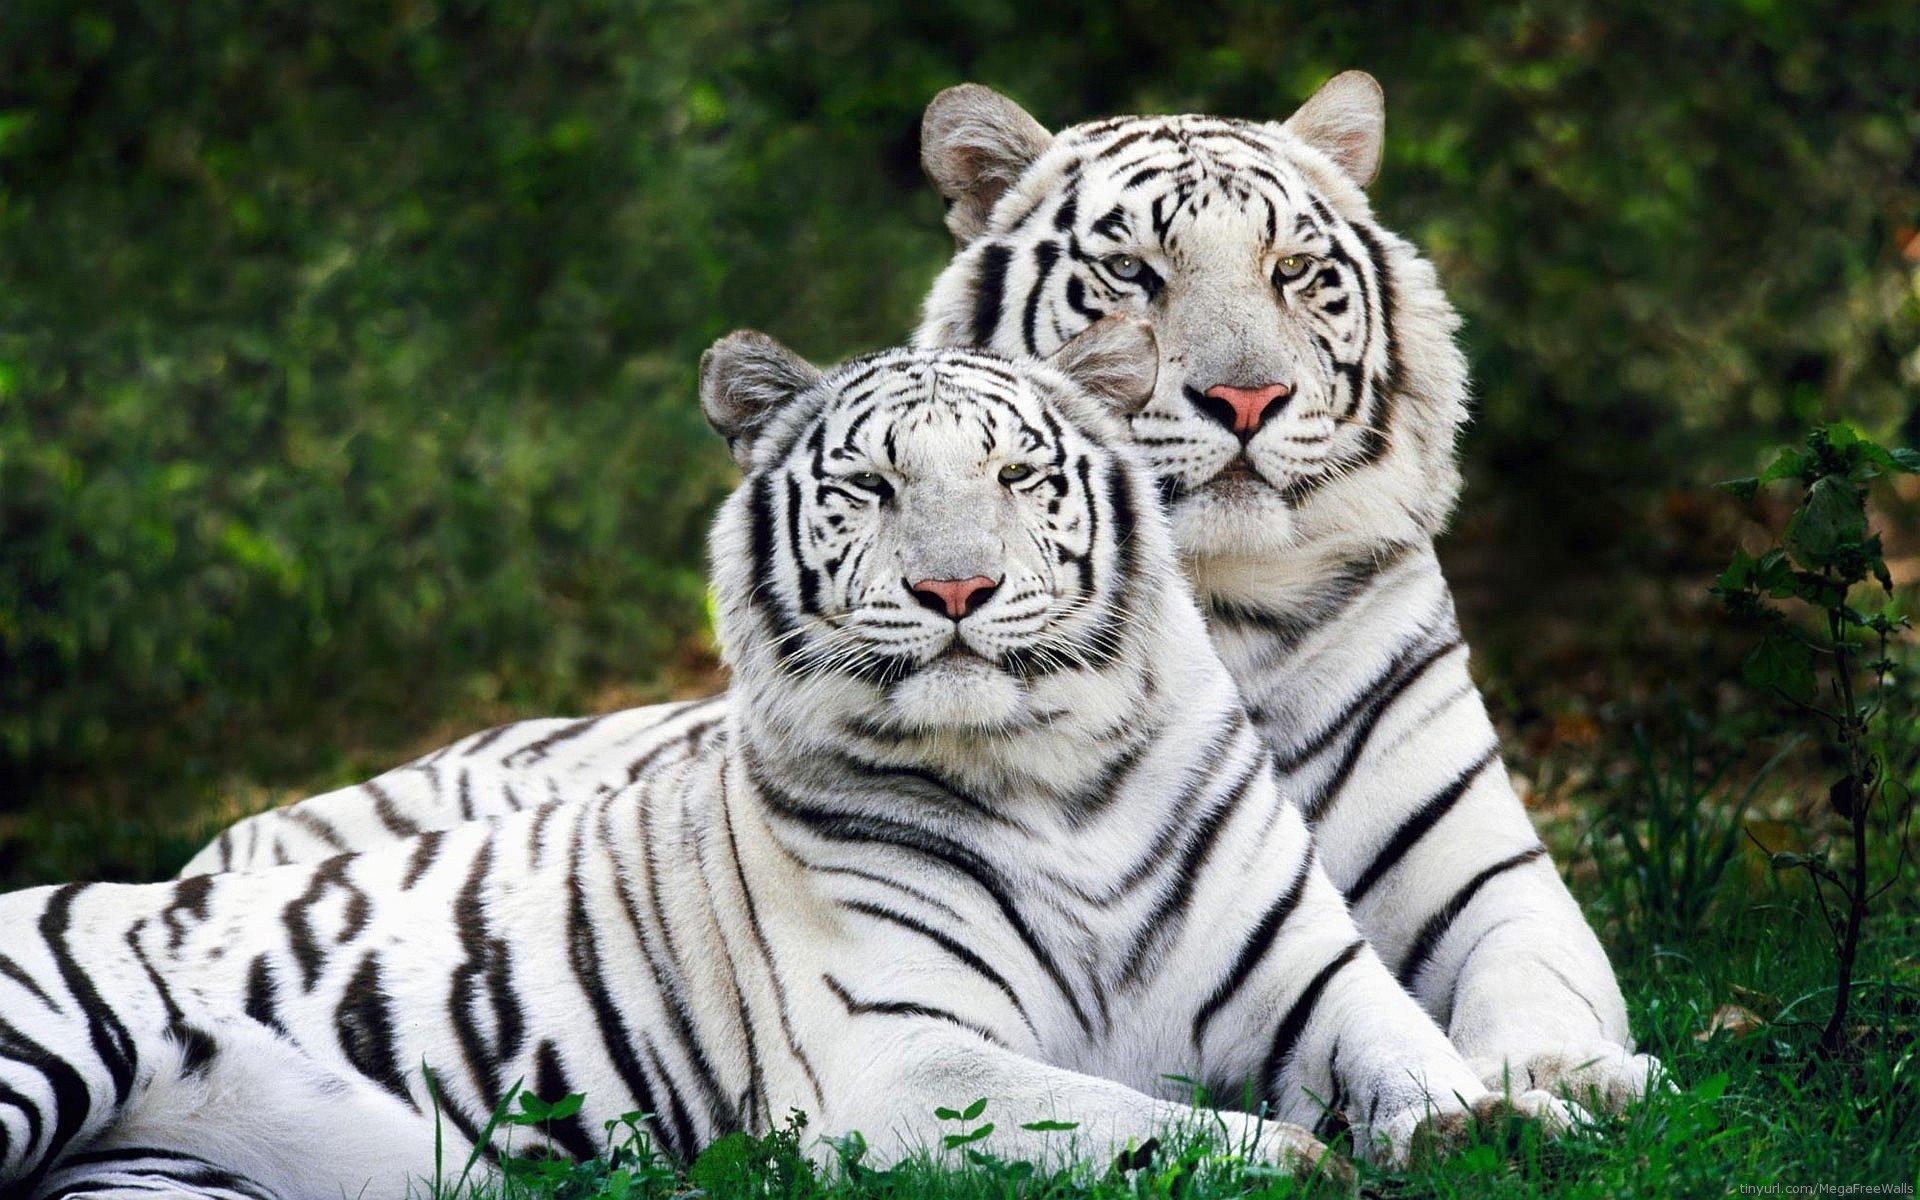 white tiger hd wallpapers 4k animal, 4k images, 4k white tiger, hd